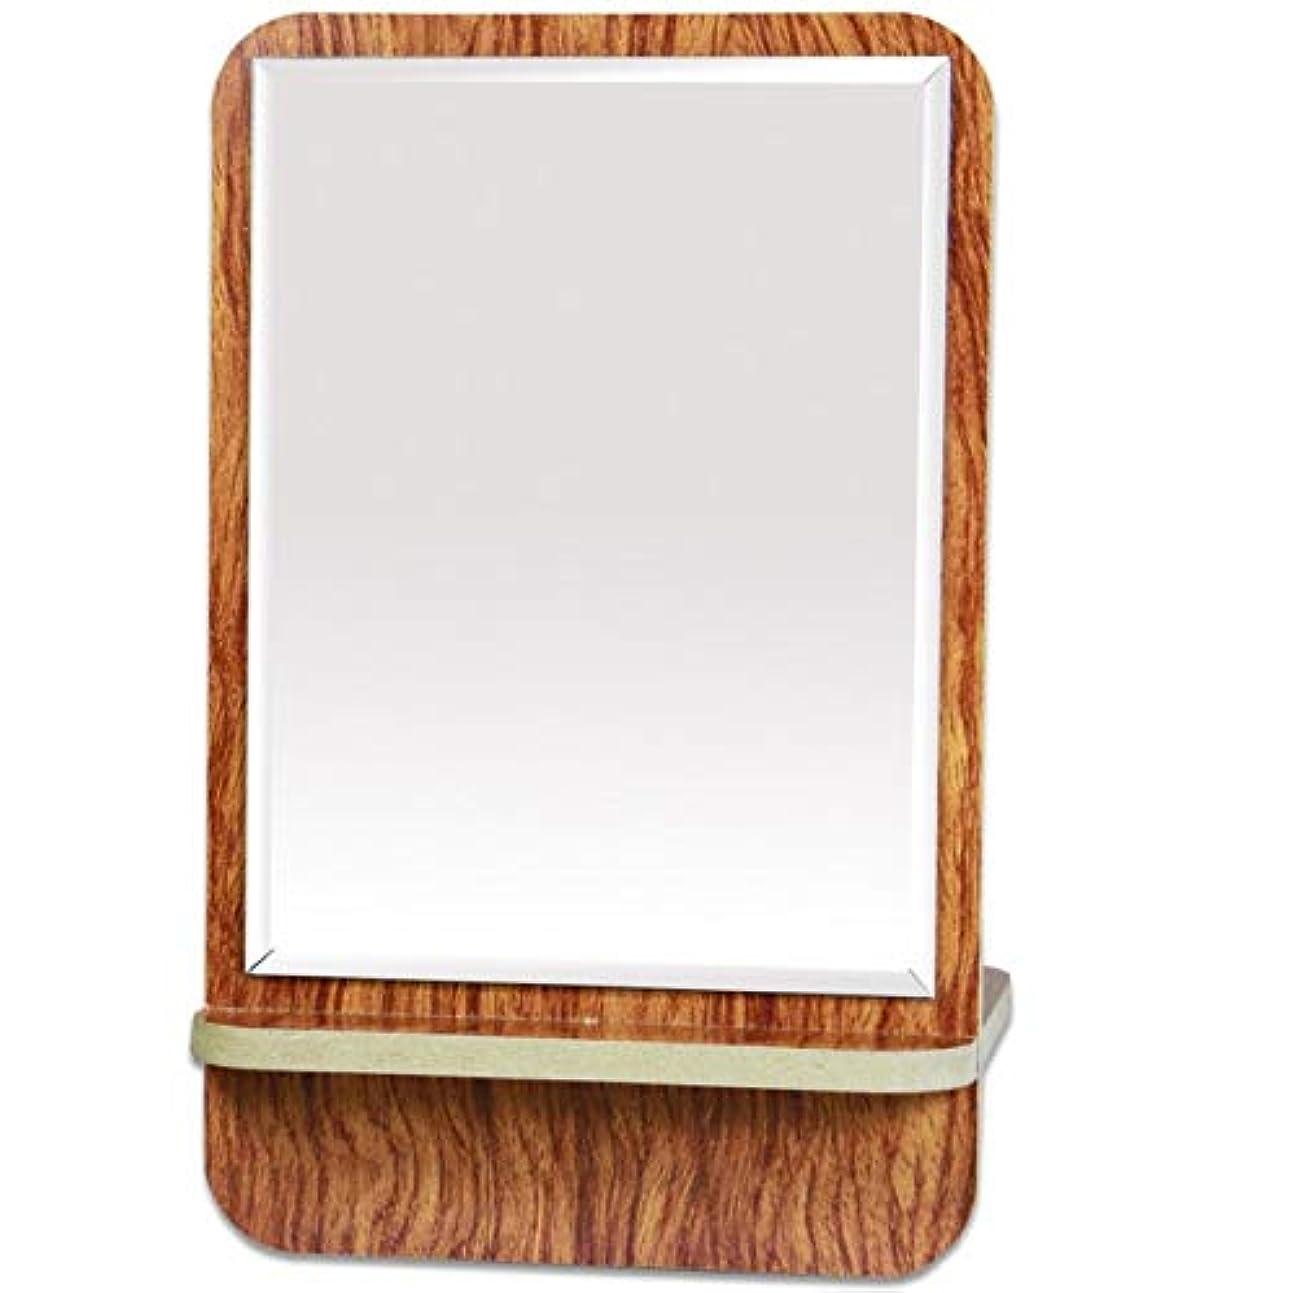 統合組み合わせプロテスタント化粧鏡、木製の鏡、デスクトップ化粧鏡、化粧ギフト